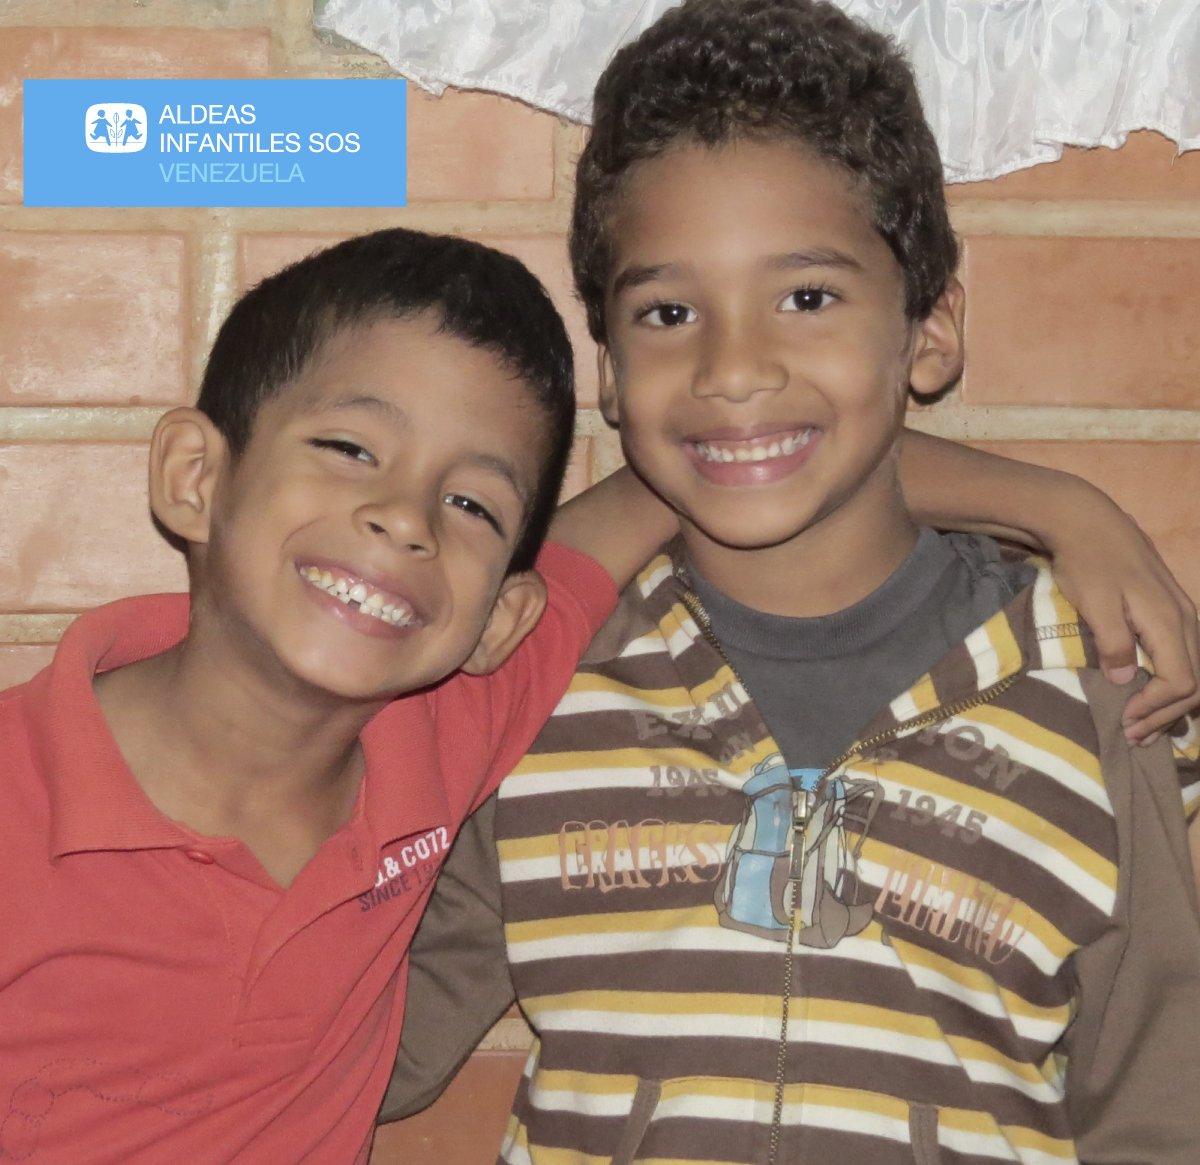 #BuenTrato La cultura del buen trato a los niños es la clave para la construcción de una sociedad sin violencia. https://t.co/VhuXRaZTTi